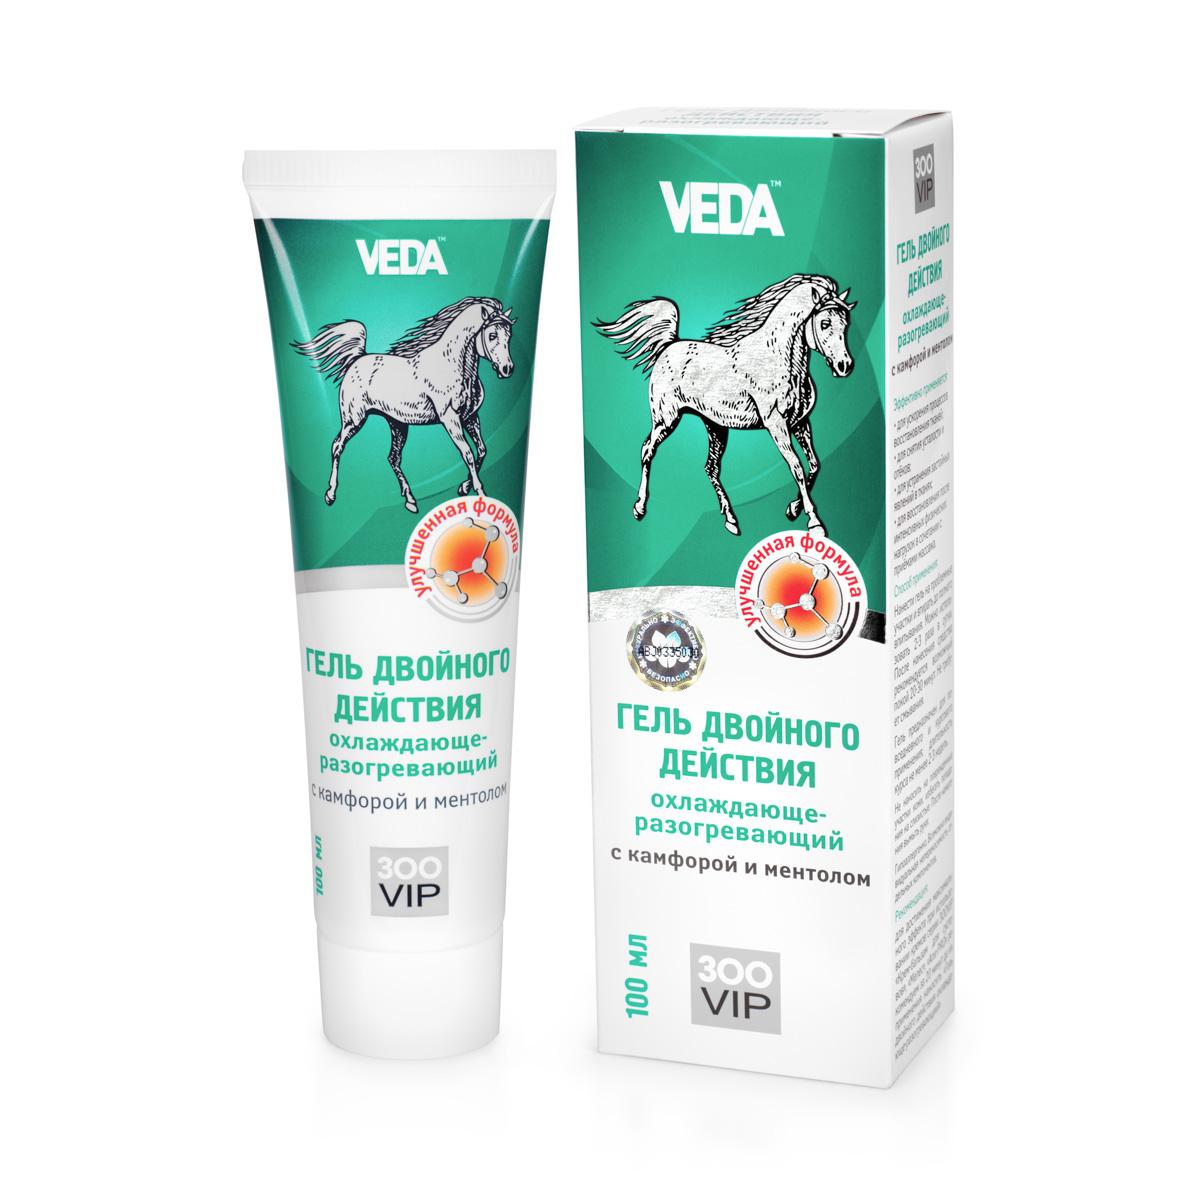 Гель двойного действия VEDA ЗооVip для лошадей, охлаждающе-разогревающий, с камфорой и ментолом, 100 мл4605543007170Гель для лошадей VEDA ЗооVip обладает уникальным двойным действием за счёт чередования процессов релаксации и тонизирования, которые активизируются специализированными природными комплексами: - охлаждающий комплекс эфирного масла эвкалипта и ментола оказывает успокаивающее действие, снимает перенапряжение и отёчность, - разогревающий комплекс жгучего перца и камфоры активизирует микроциркуляцию, оказывает дренажный эффект, устраняя застойные явления, - фитокомплекс и эфирные масла облегчают негативные ощущения при закрытых микротравмах, стимулируя обменные процессы в тканях. Состав: вода очищенная; натуральный ментол; глицерин; камфора; флокаре ЕТ58; фитокомплекс: побегов багульника болотного, корней окопника, листьев березы, плодов красного перца, прополиса; гвоздики масло эфирное; эвкалипта масло эфирное; эфир ванилина; консервант; ПЭГ-40 гидрогенизированное касторовое масло; красители пищевые. Товар сертифицирован.